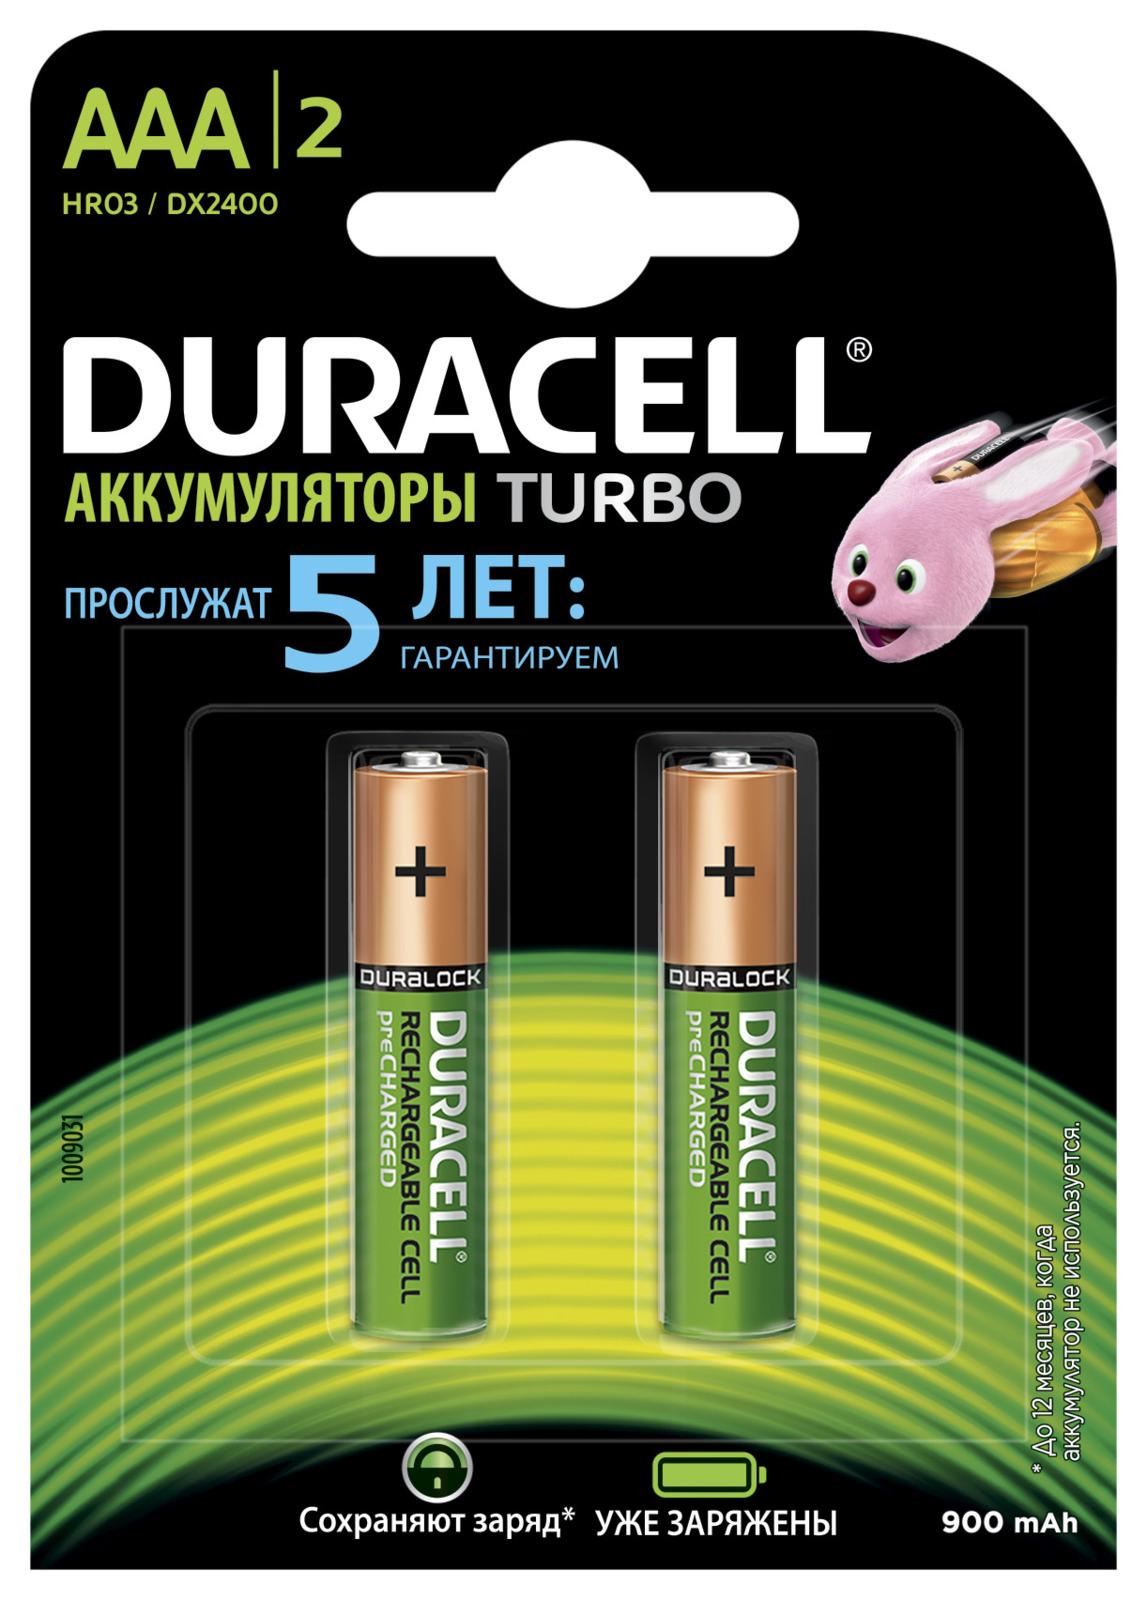 Аккумуляторы Duracell Recharge Turbo, ААА 850 мАч, 2 шт аккумуляторы для ноутбуков